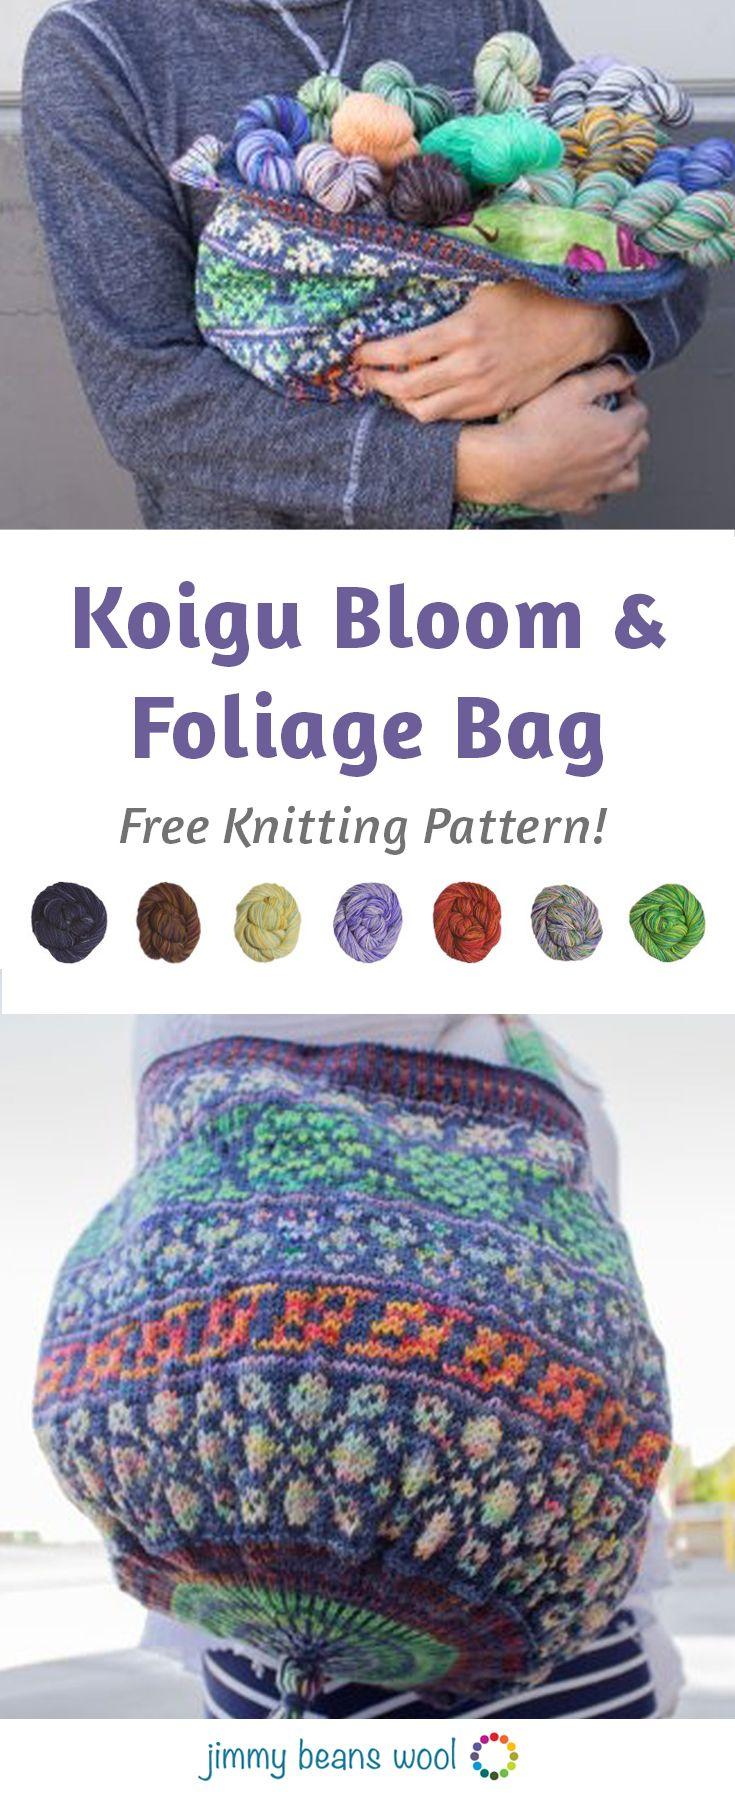 Koigu Bloom and Foliage Bag Free Knitting Pattern | Full ...